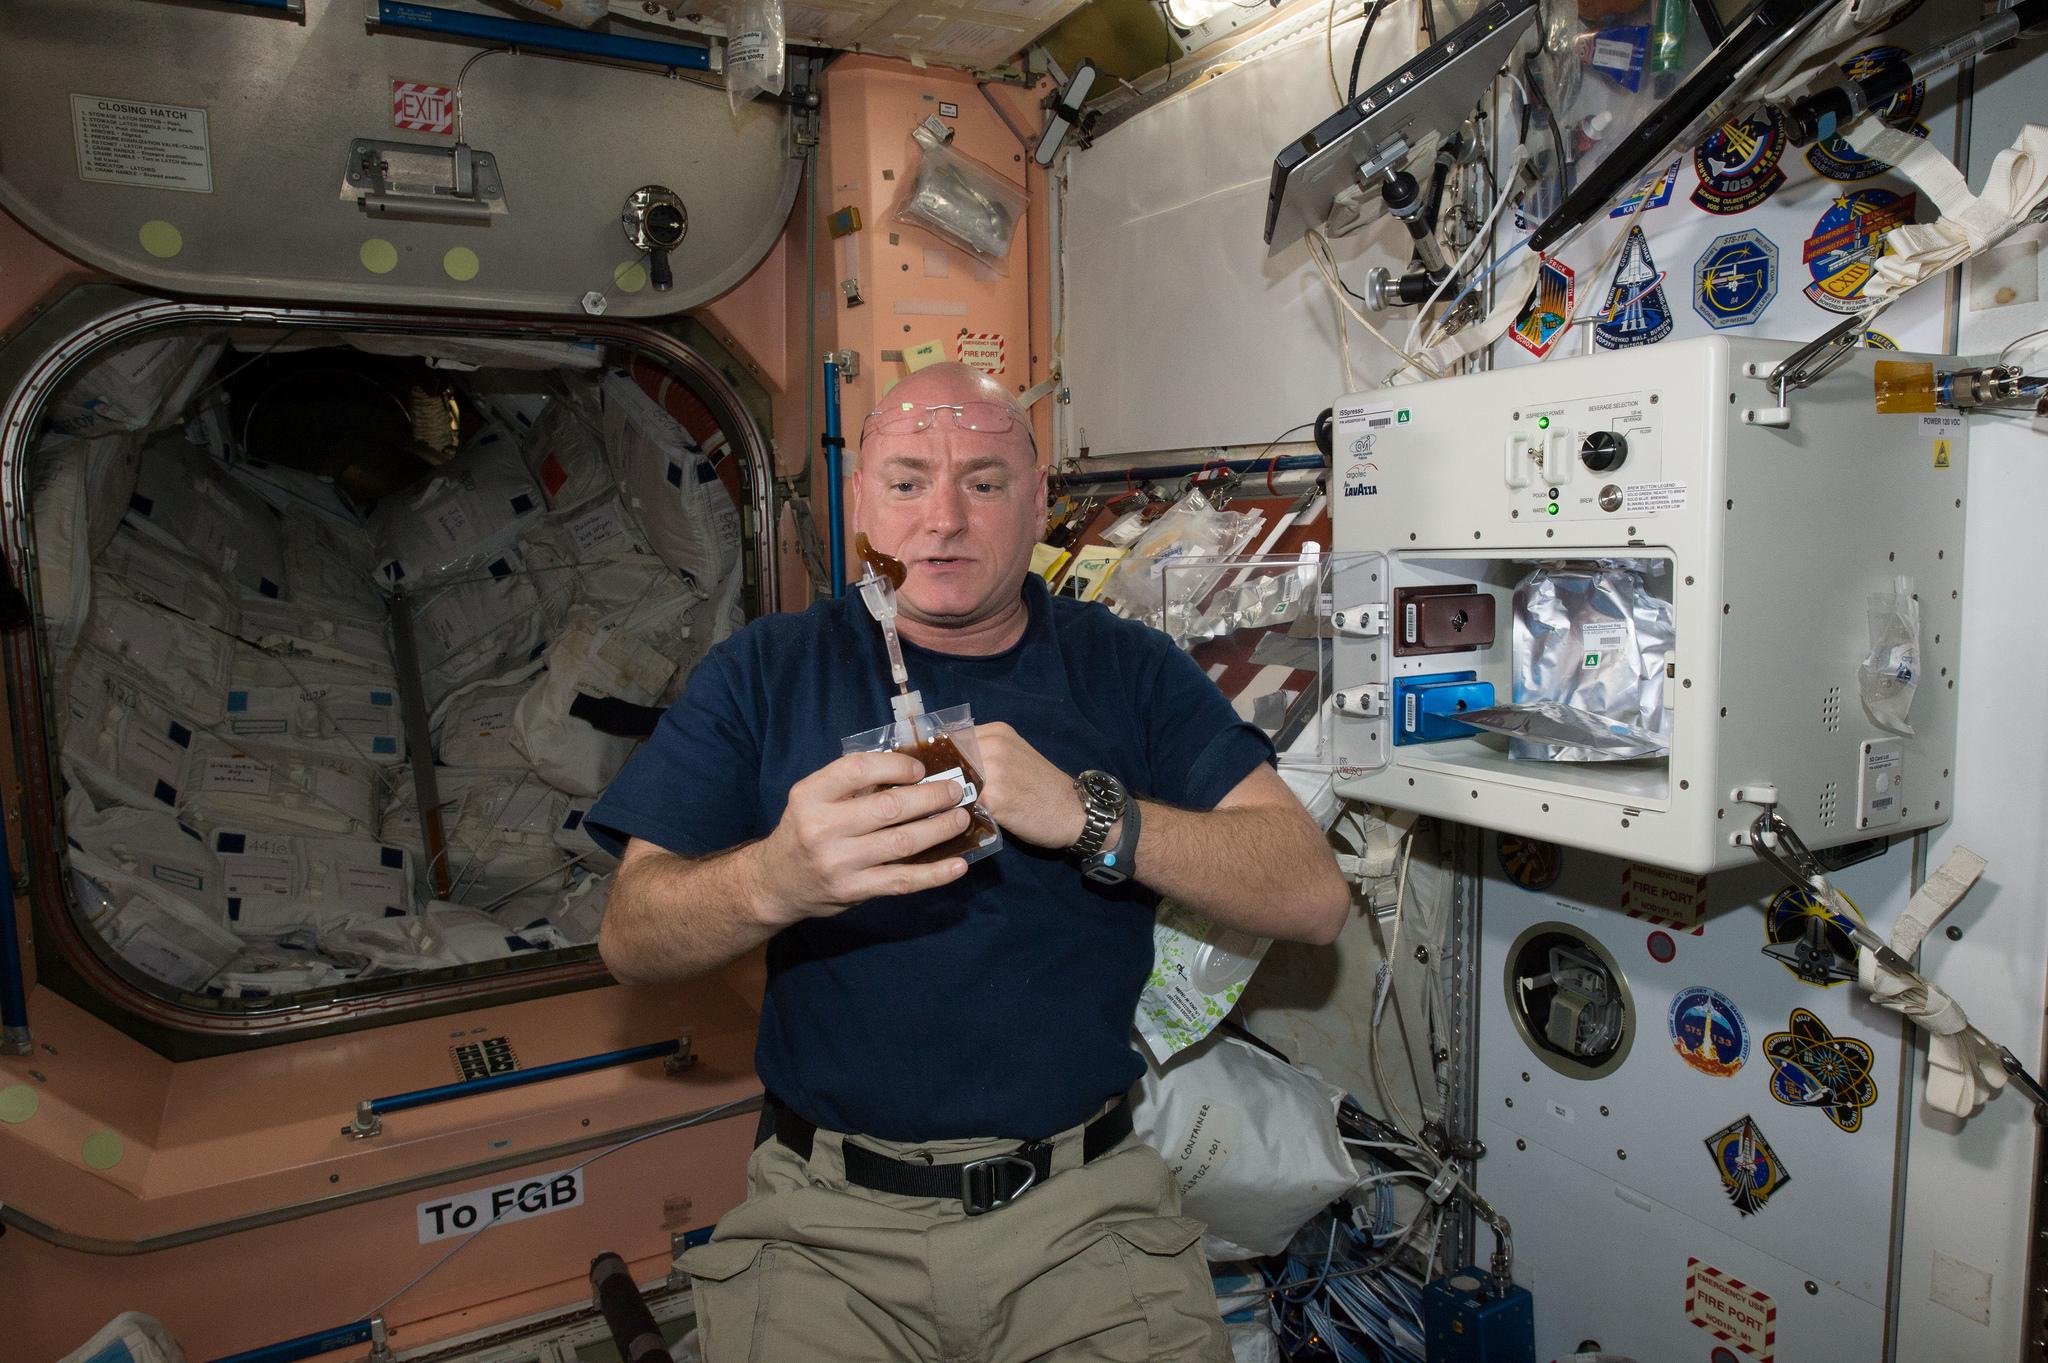 поиска: Поиск как себя чувствуют космонавты послеприземления краску